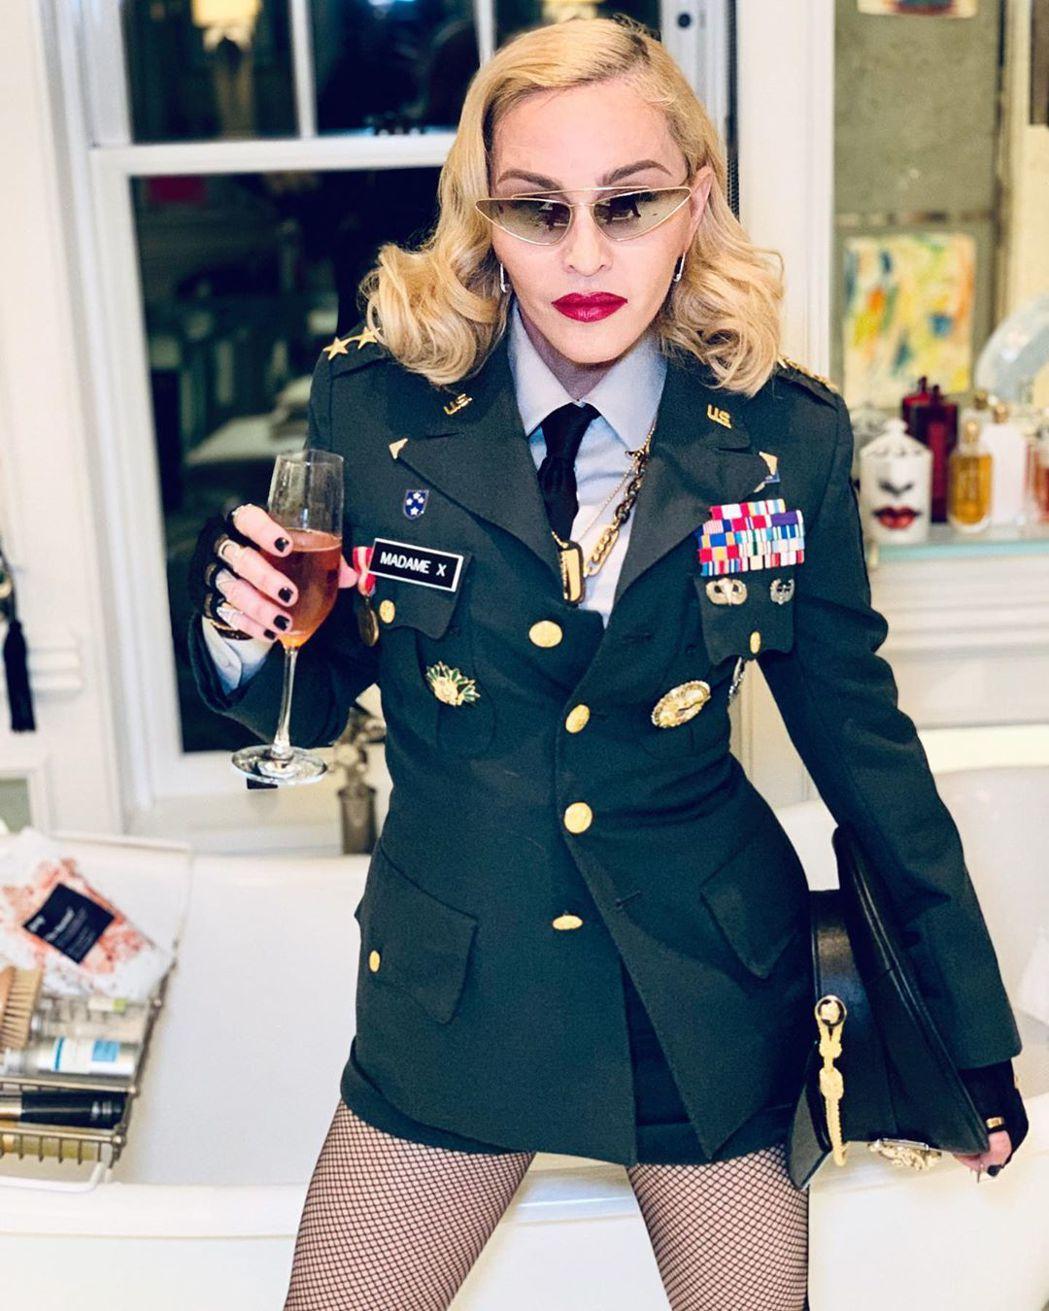 瑪丹娜61歲生日打扮成4星上將,依然霸氣十足。圖/摘自Instagram